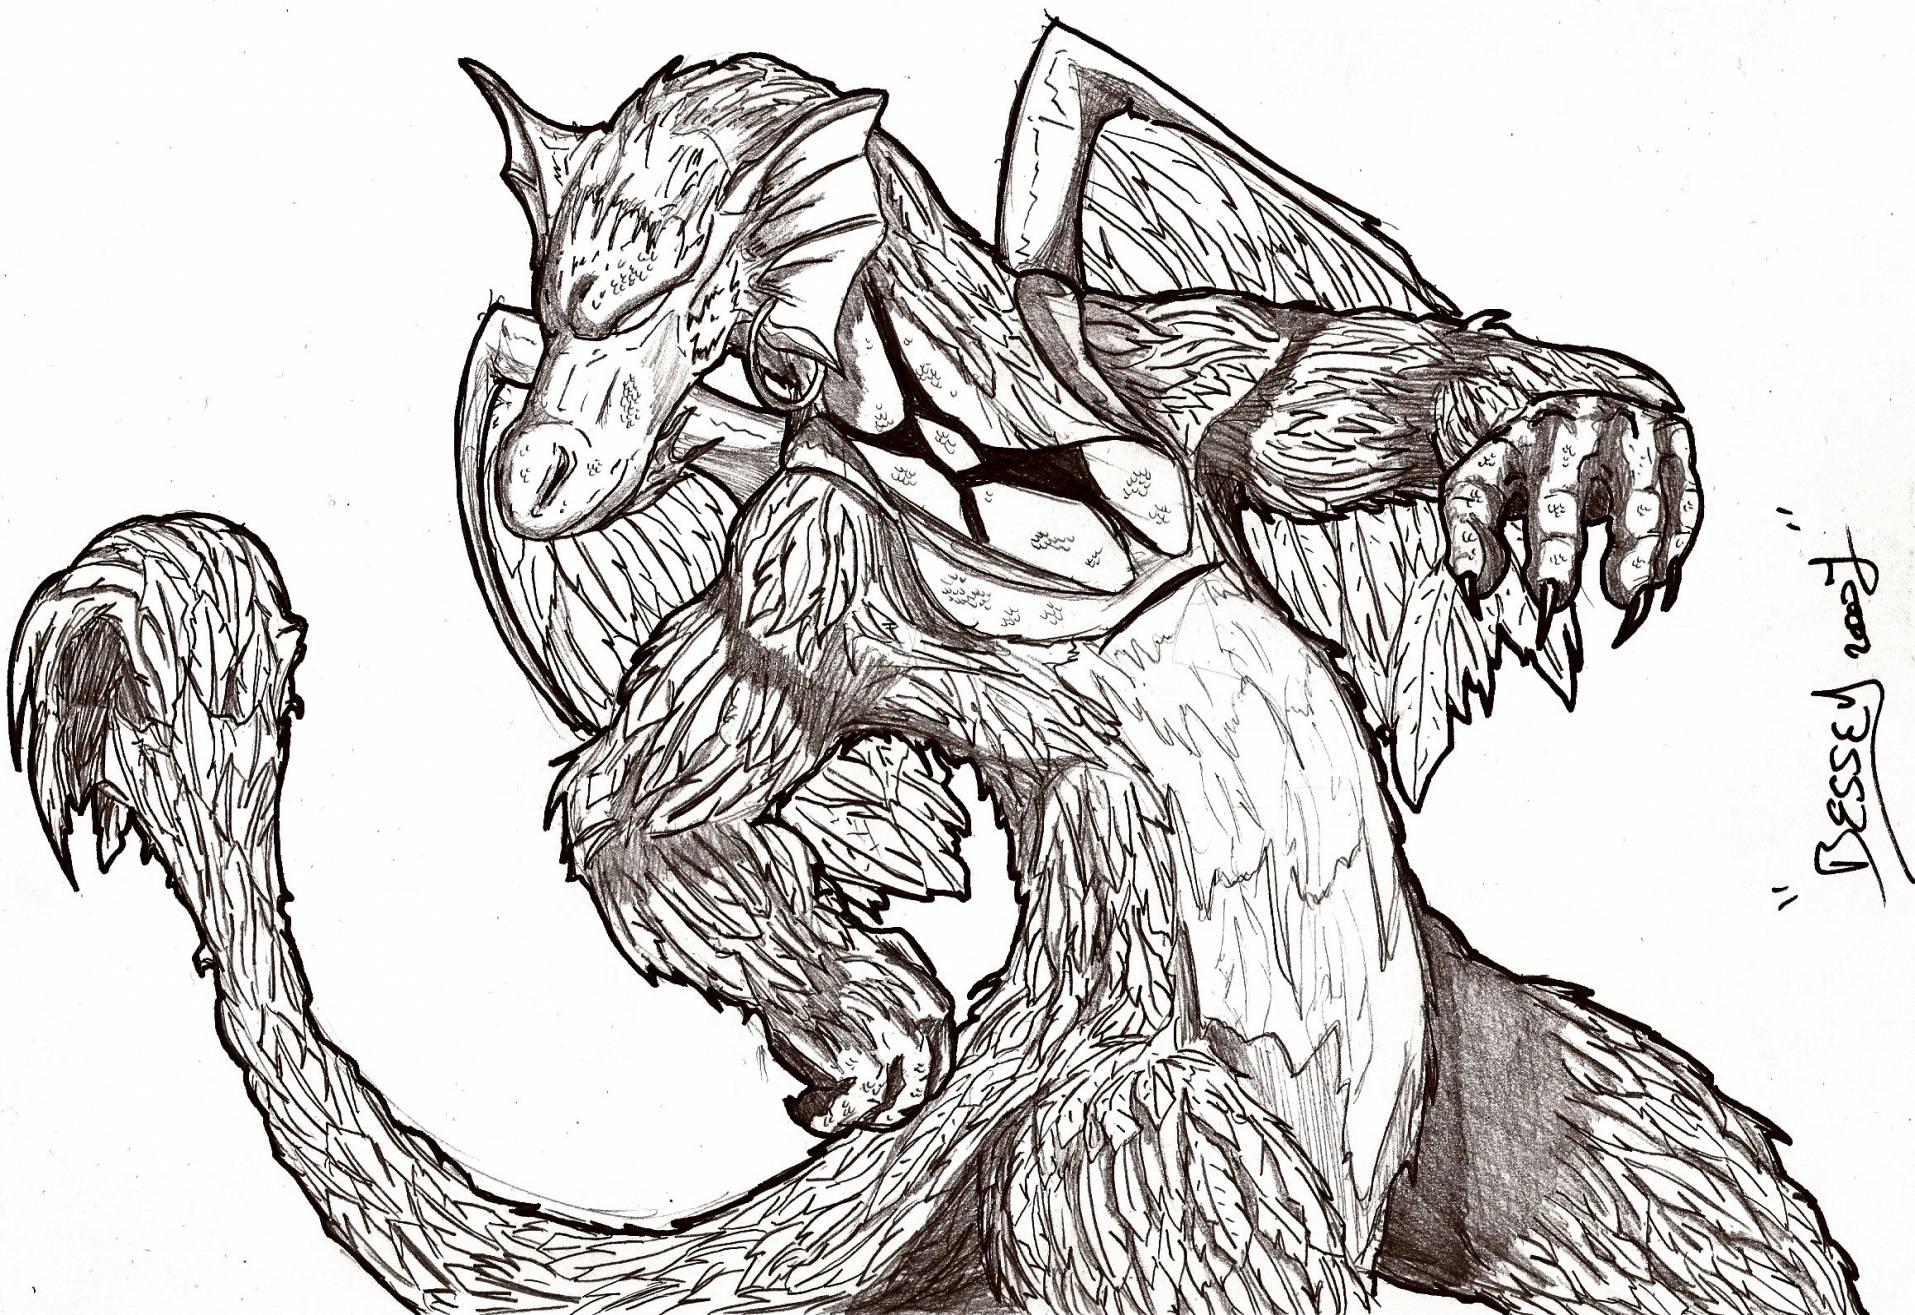 Fonds d'écran Art - Crayon Fantasy - Dragons Dragons a plumes.